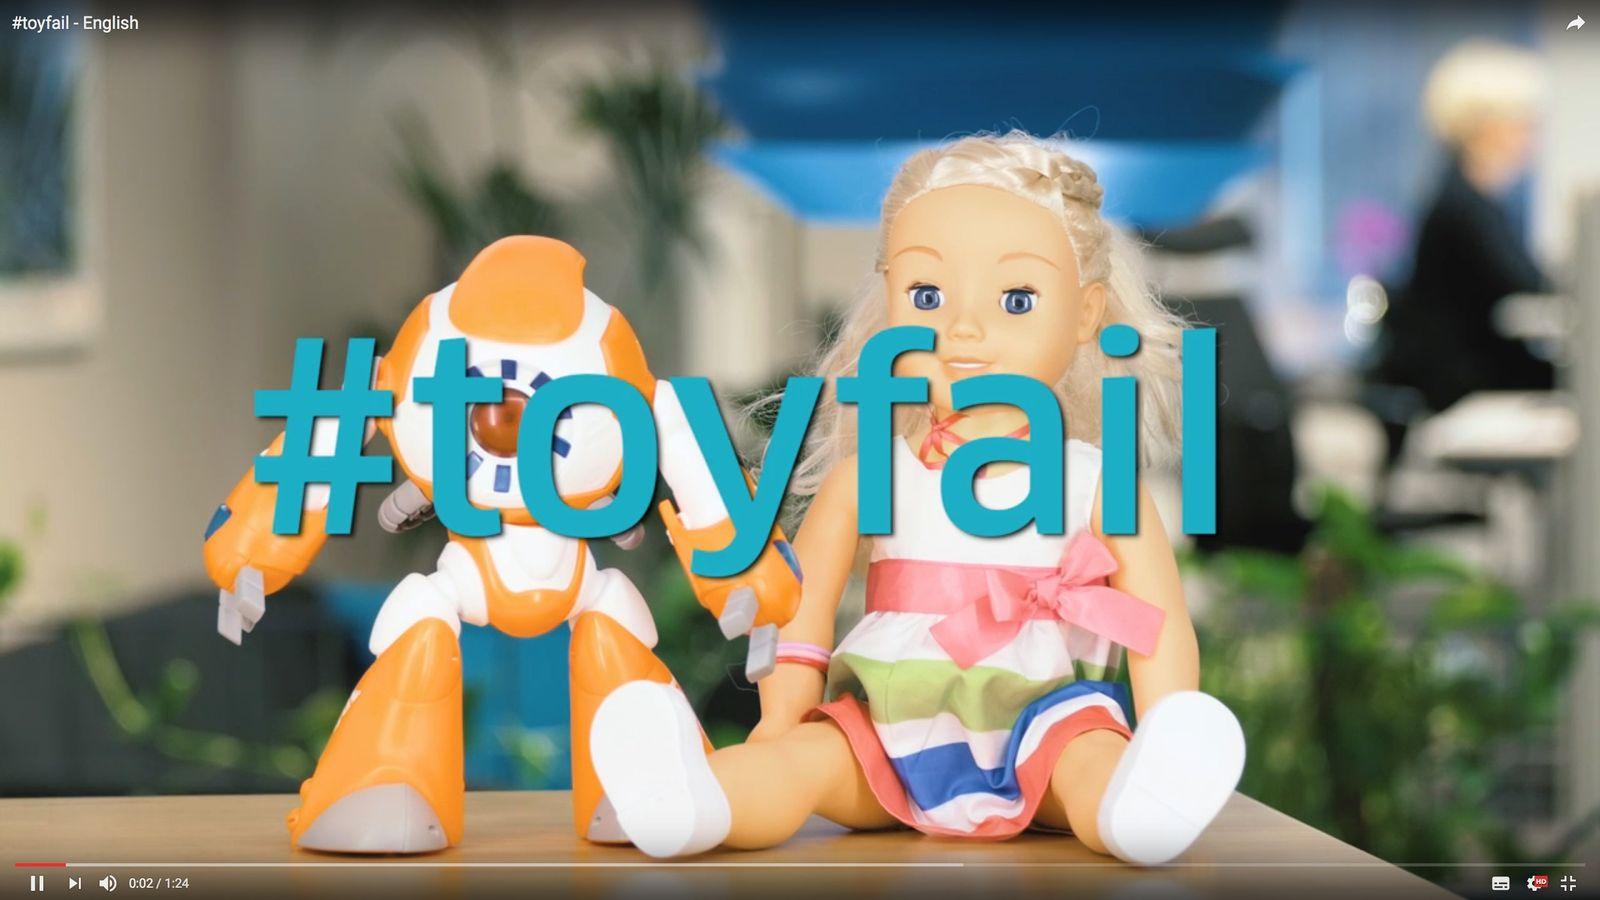 NUR ALS ZITAT Screenshot #toyfail/ Puppen mit Internet